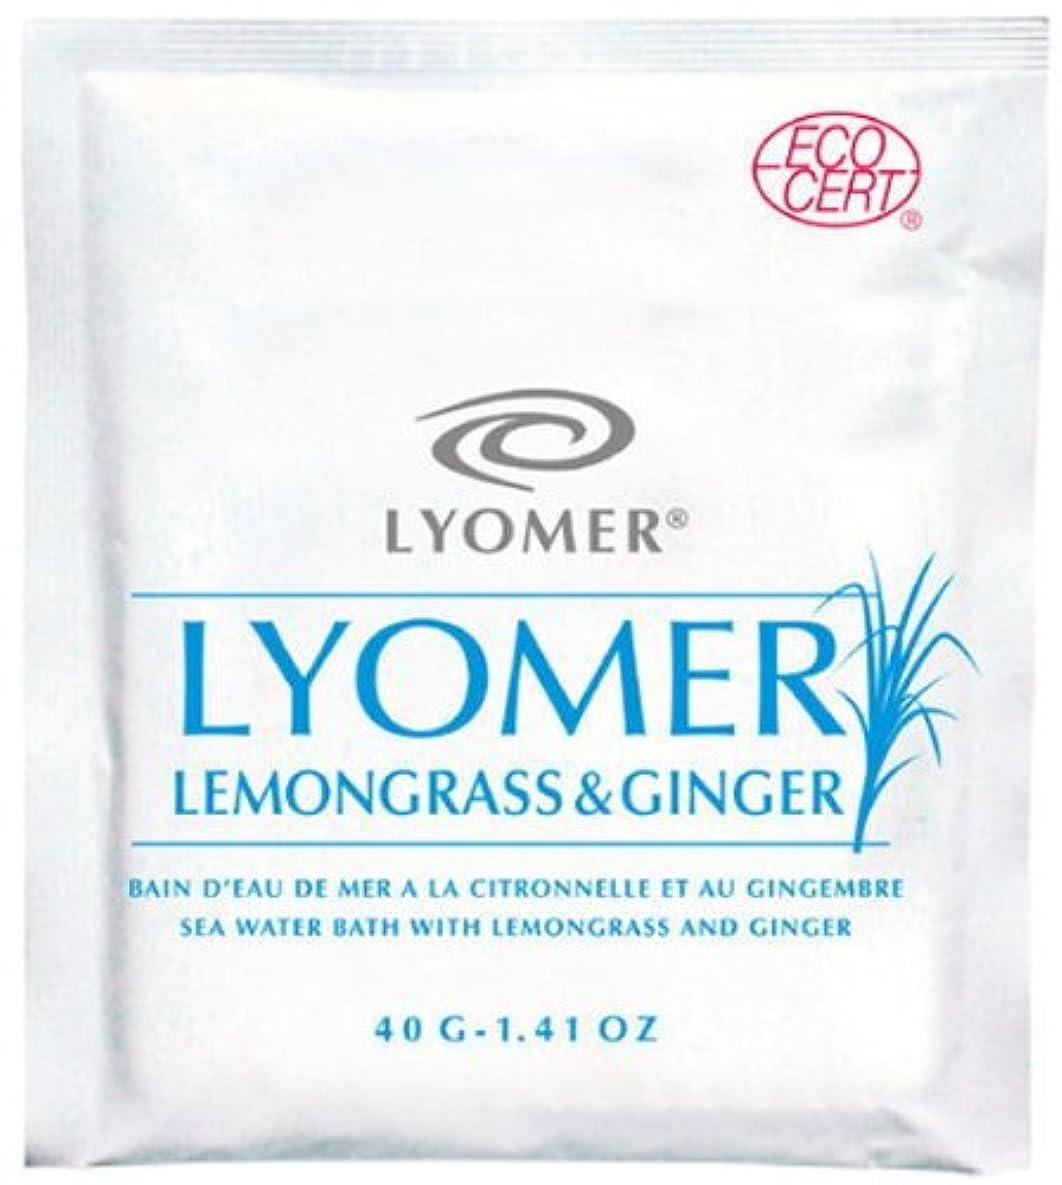 リヨメール レモングラス&ジンジャー 40g